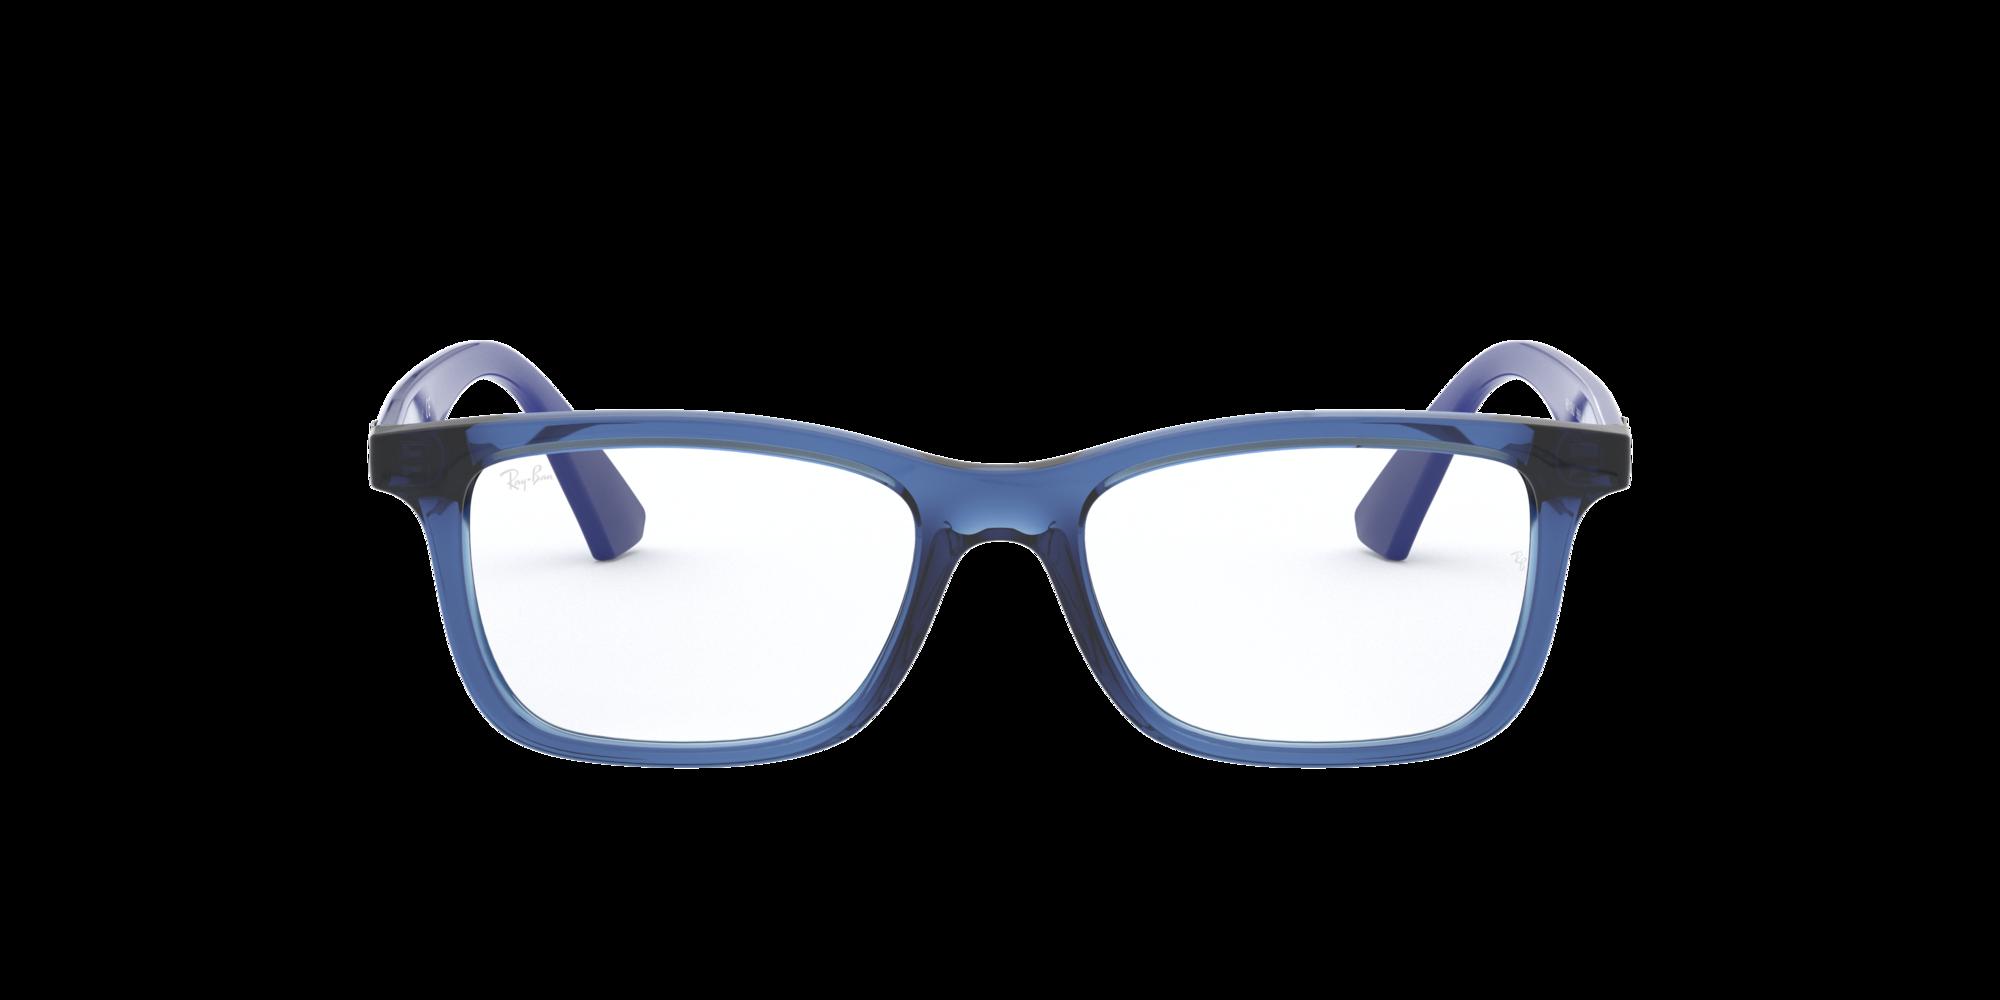 Imagen para RY1562 de LensCrafters |  Espejuelos, espejuelos graduados en línea, gafas